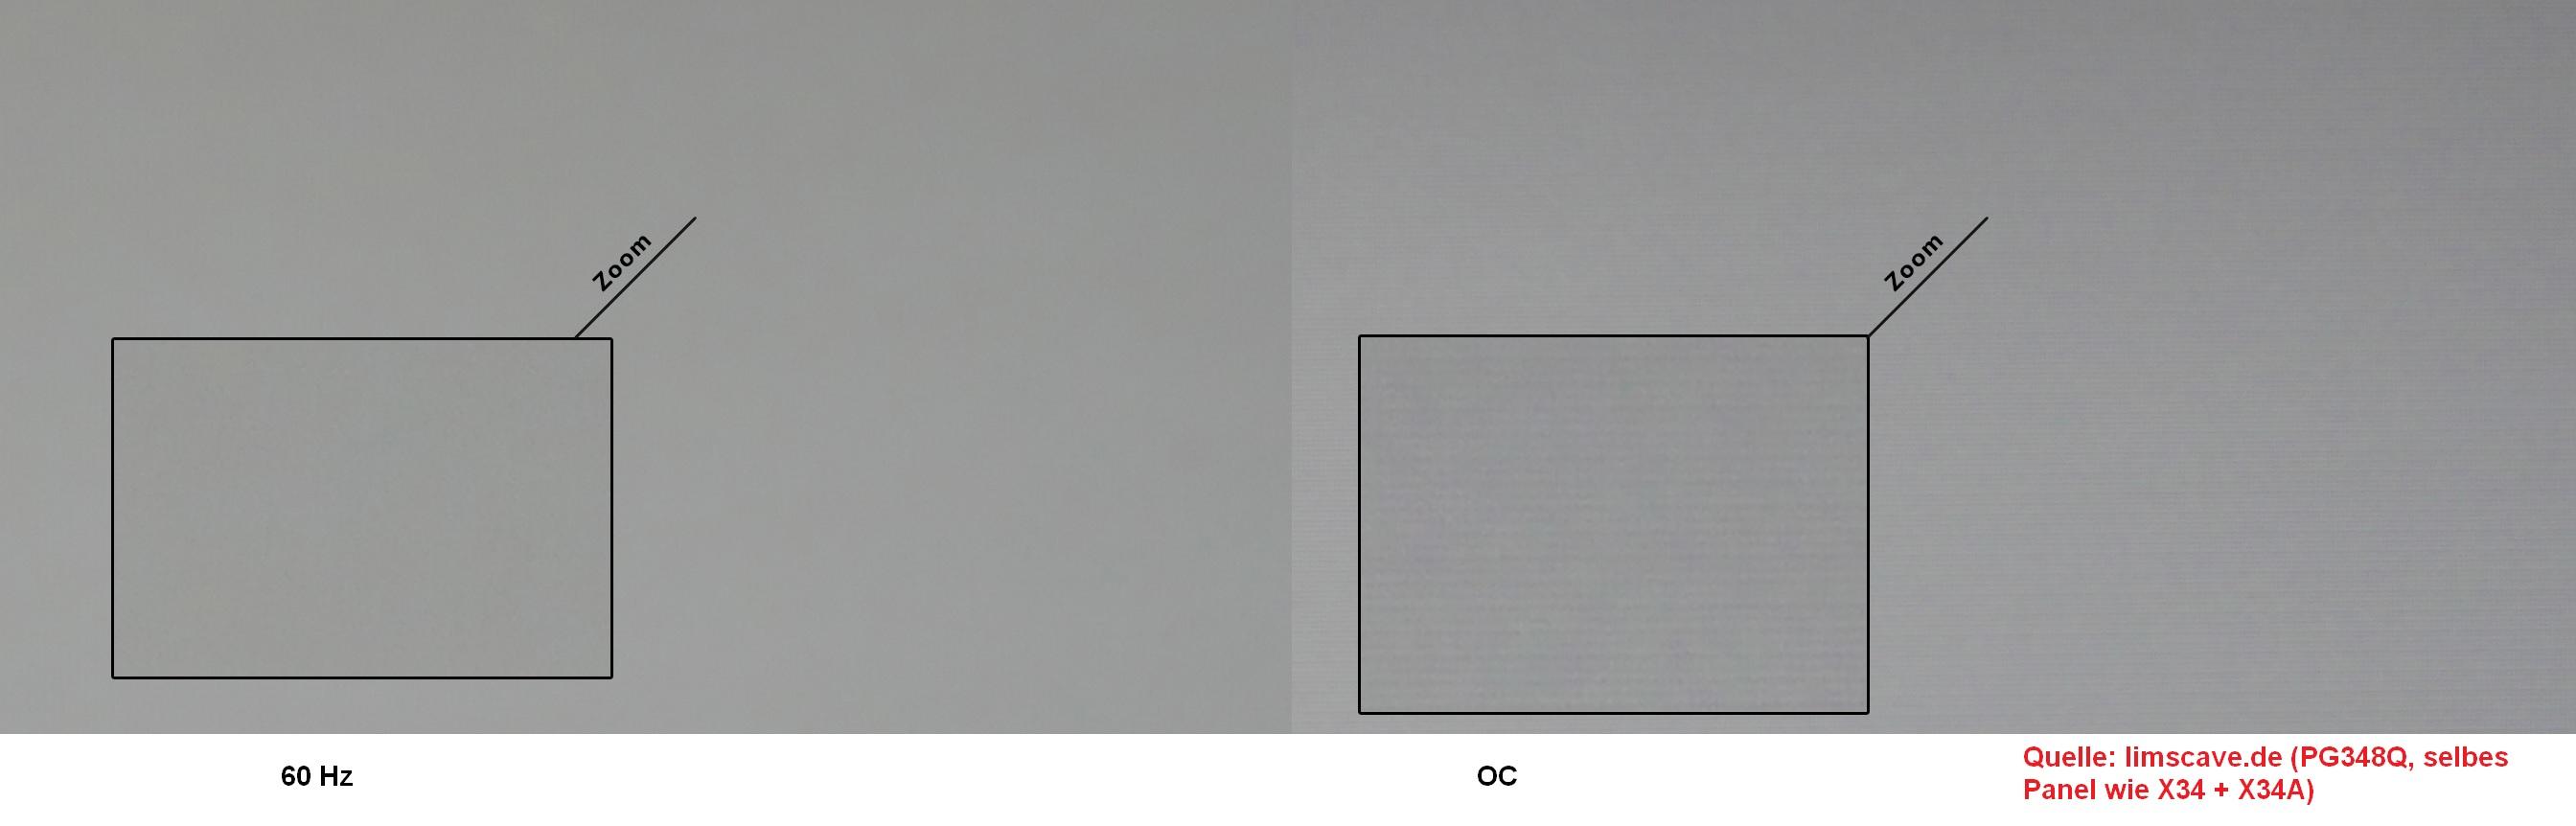 1090133.jpg